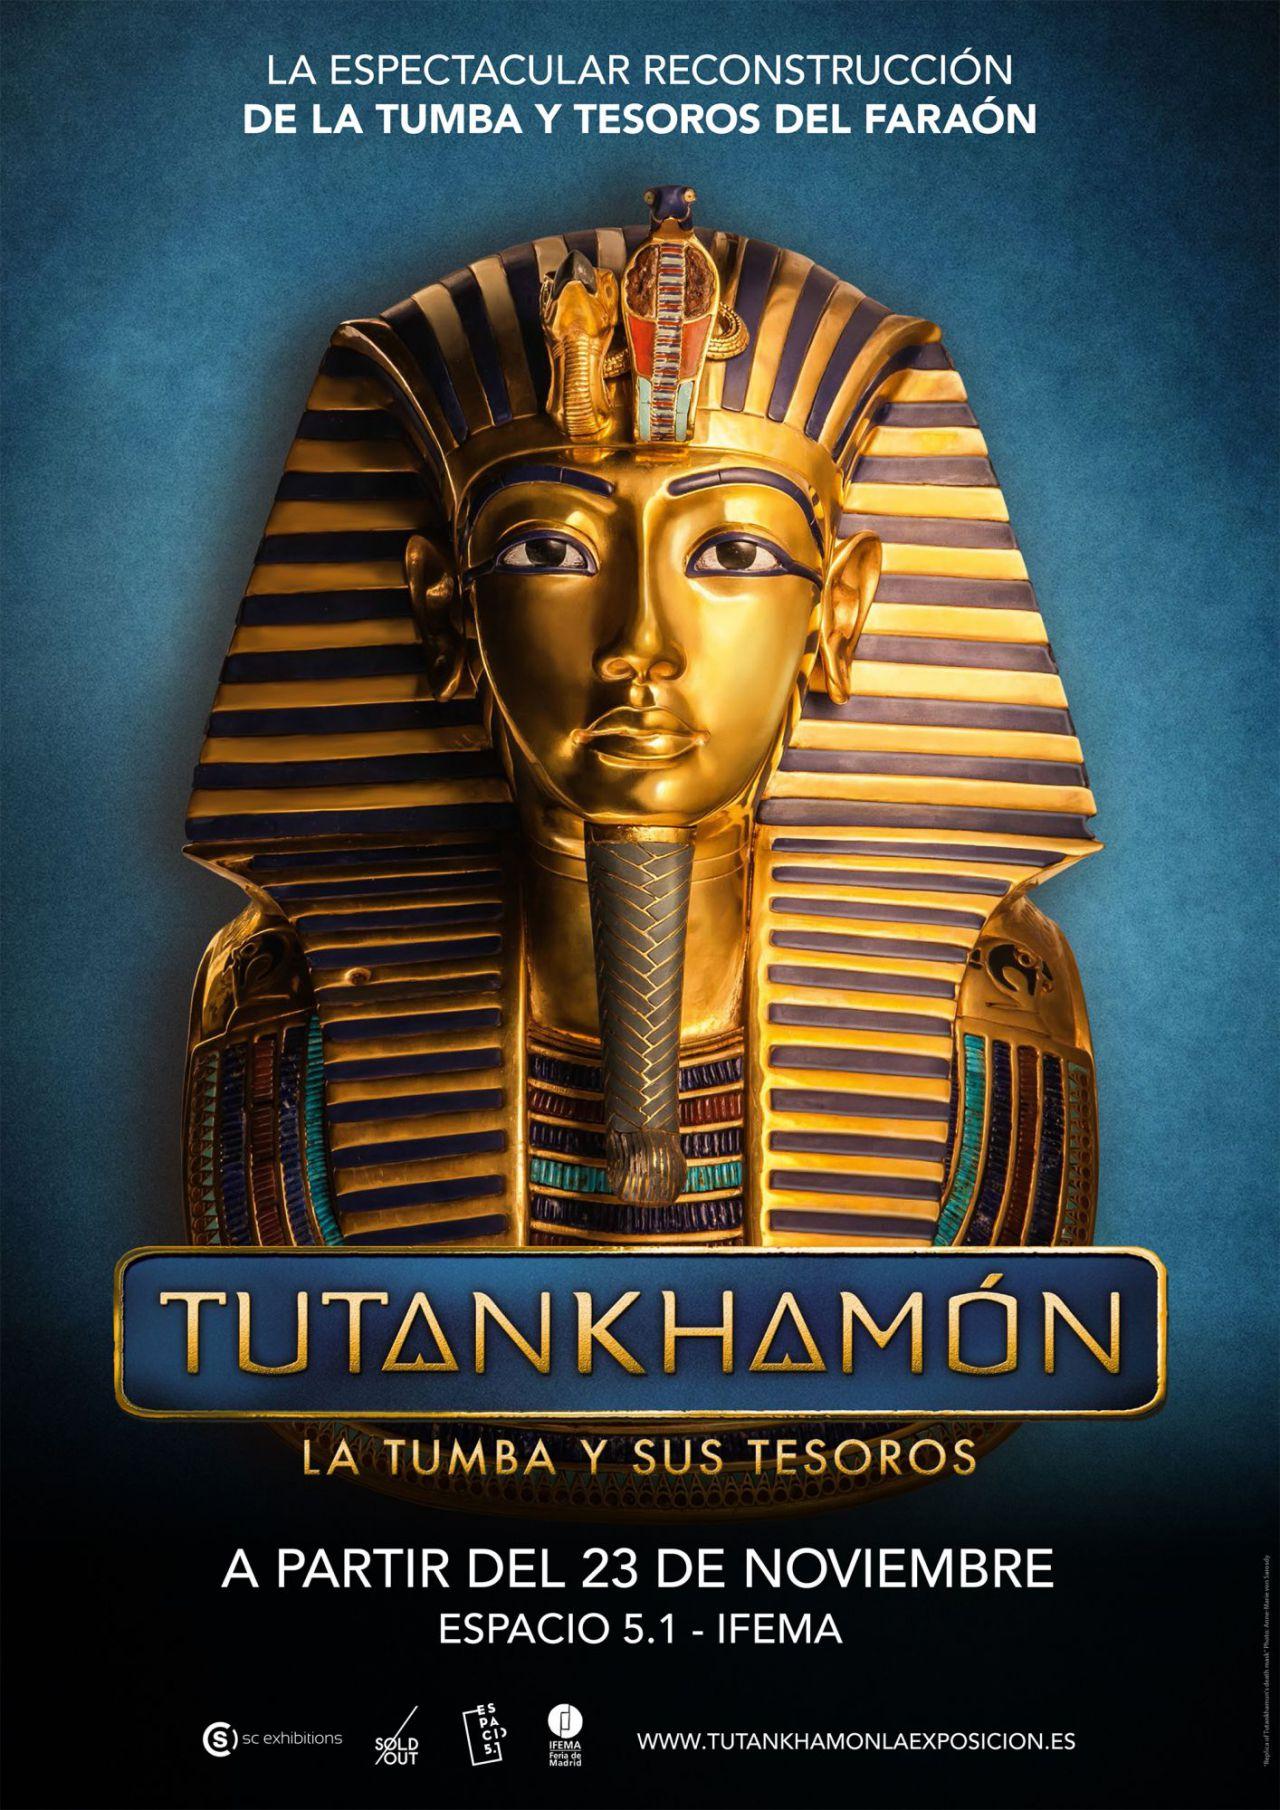 Cartel de la Exposición de Tutankamón, la tumba y sus tesoros.